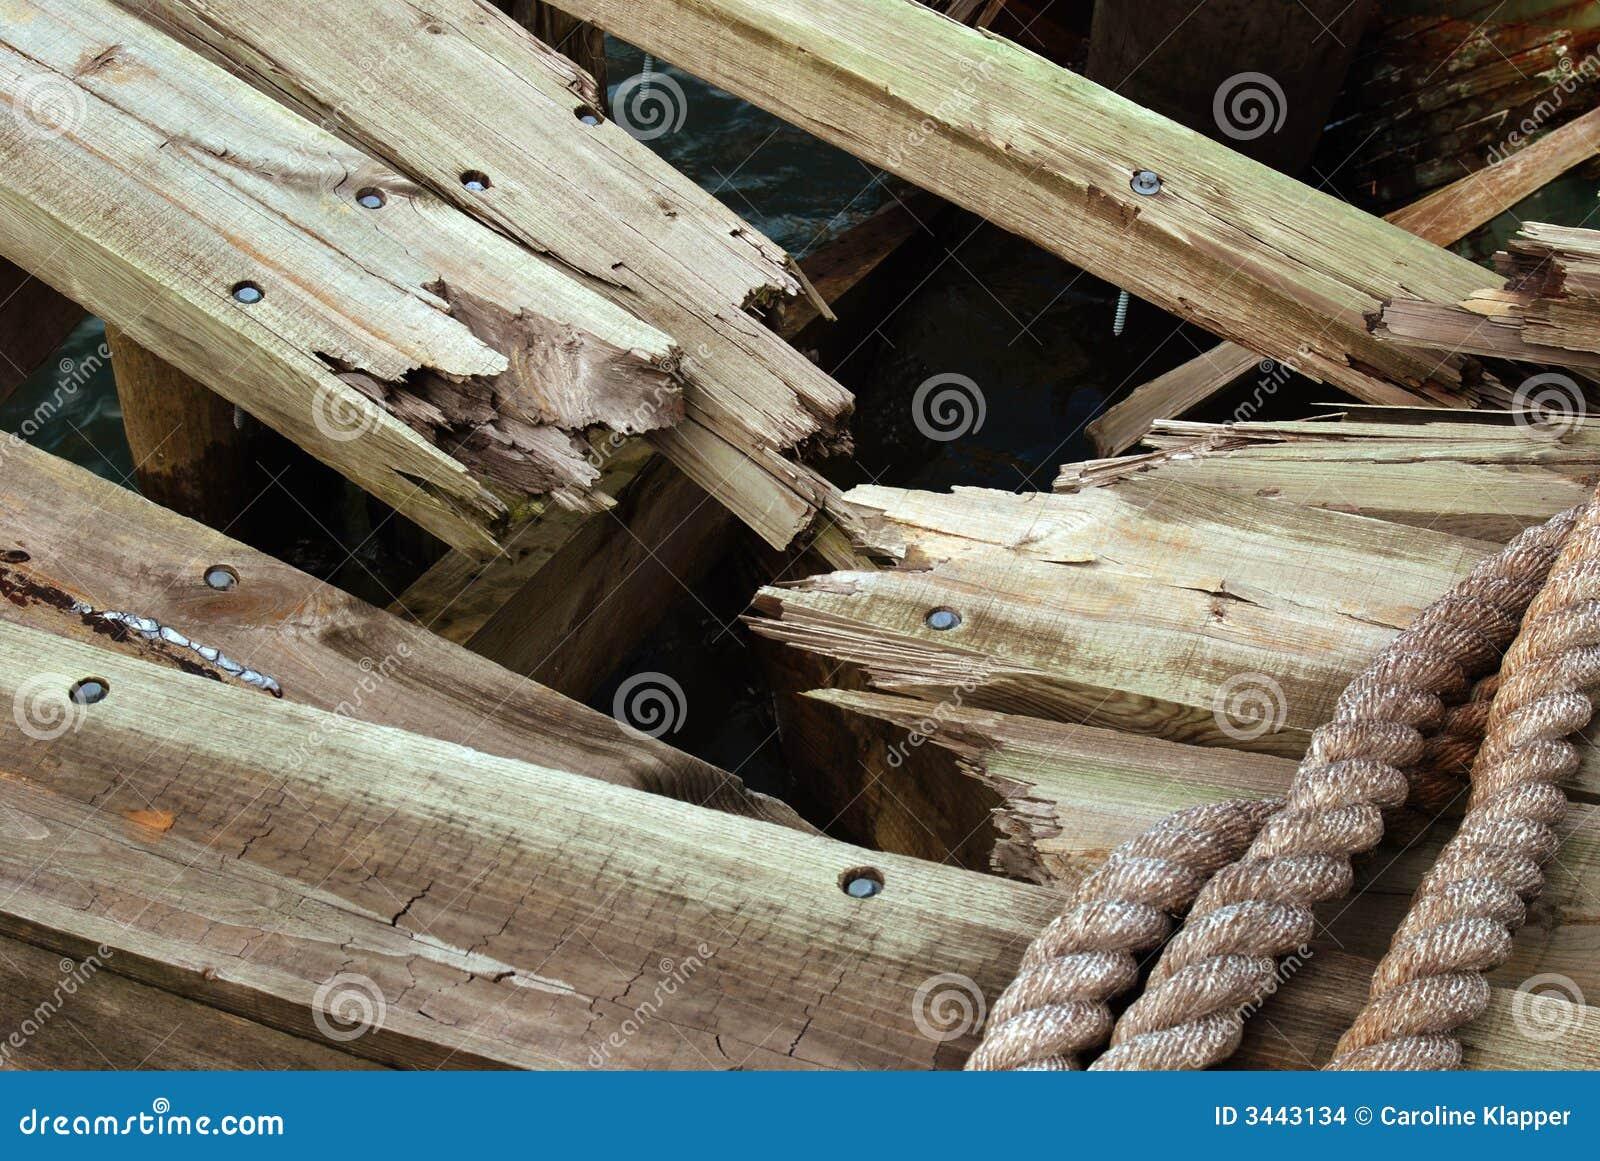 Smashed wood stock images image